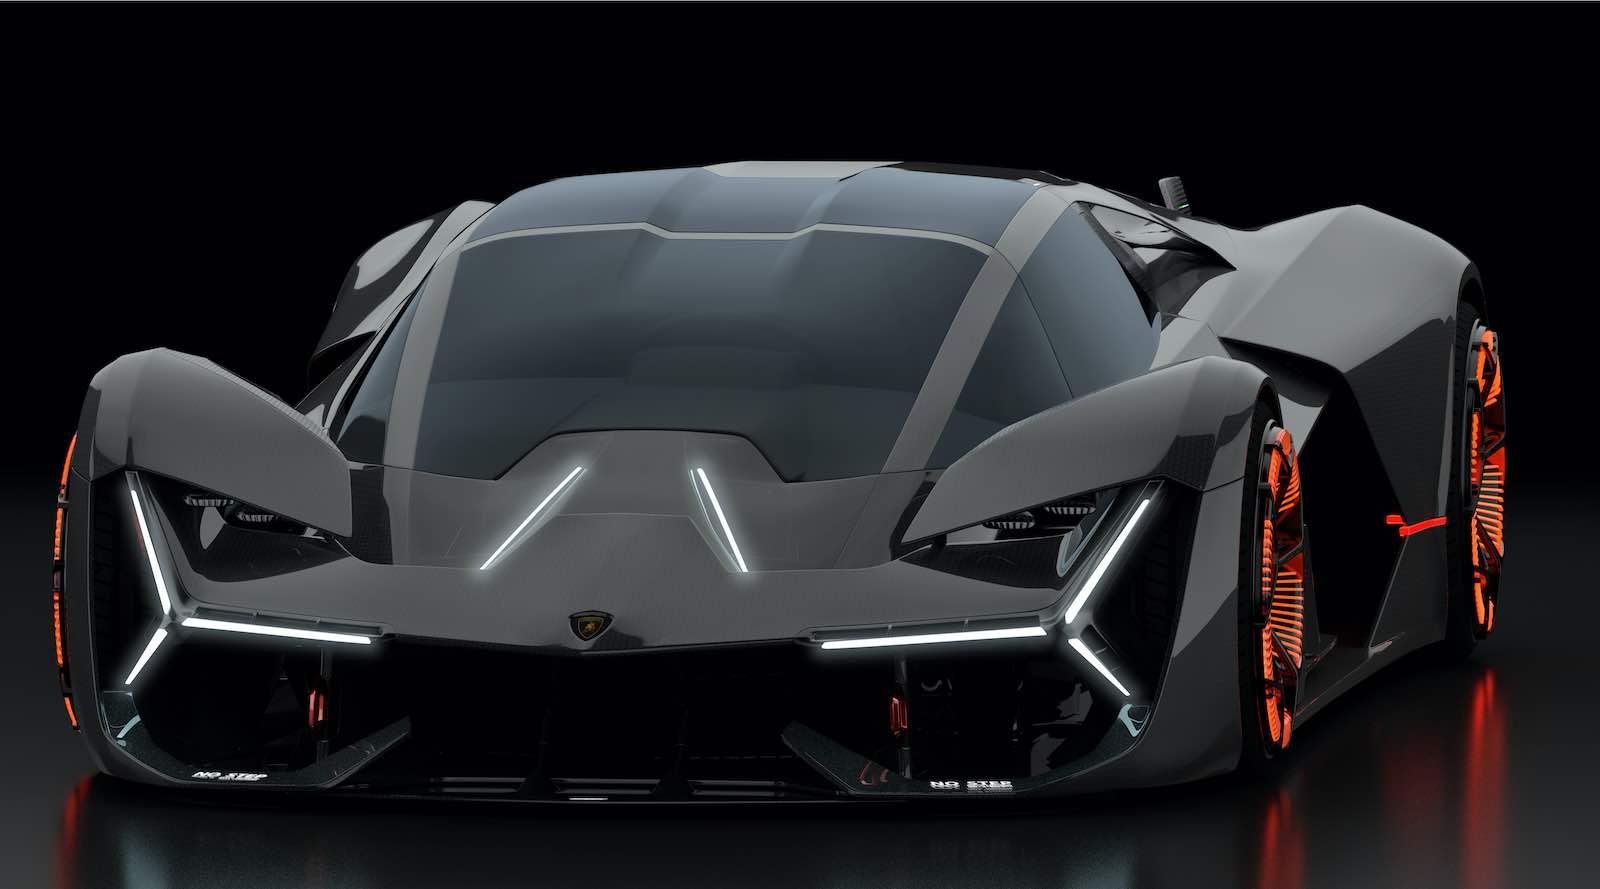 Los 4 Ferraris y 4 Lamborghinis más raros conducidos por celebridades